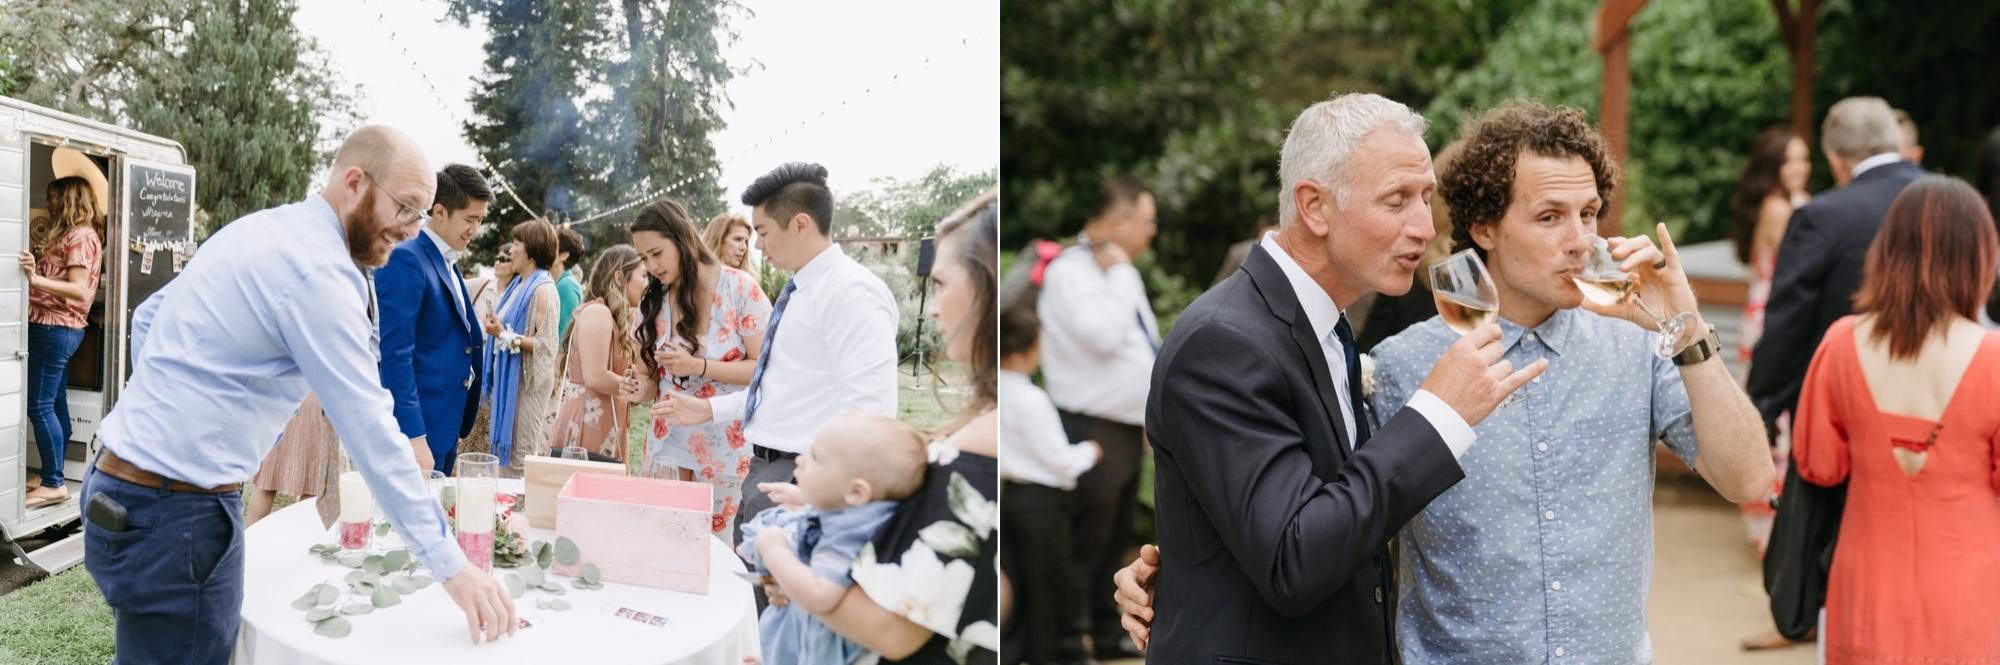 059_Shawna and Steve's Wedding-382_Shawna and Steve's Wedding-376.jpg